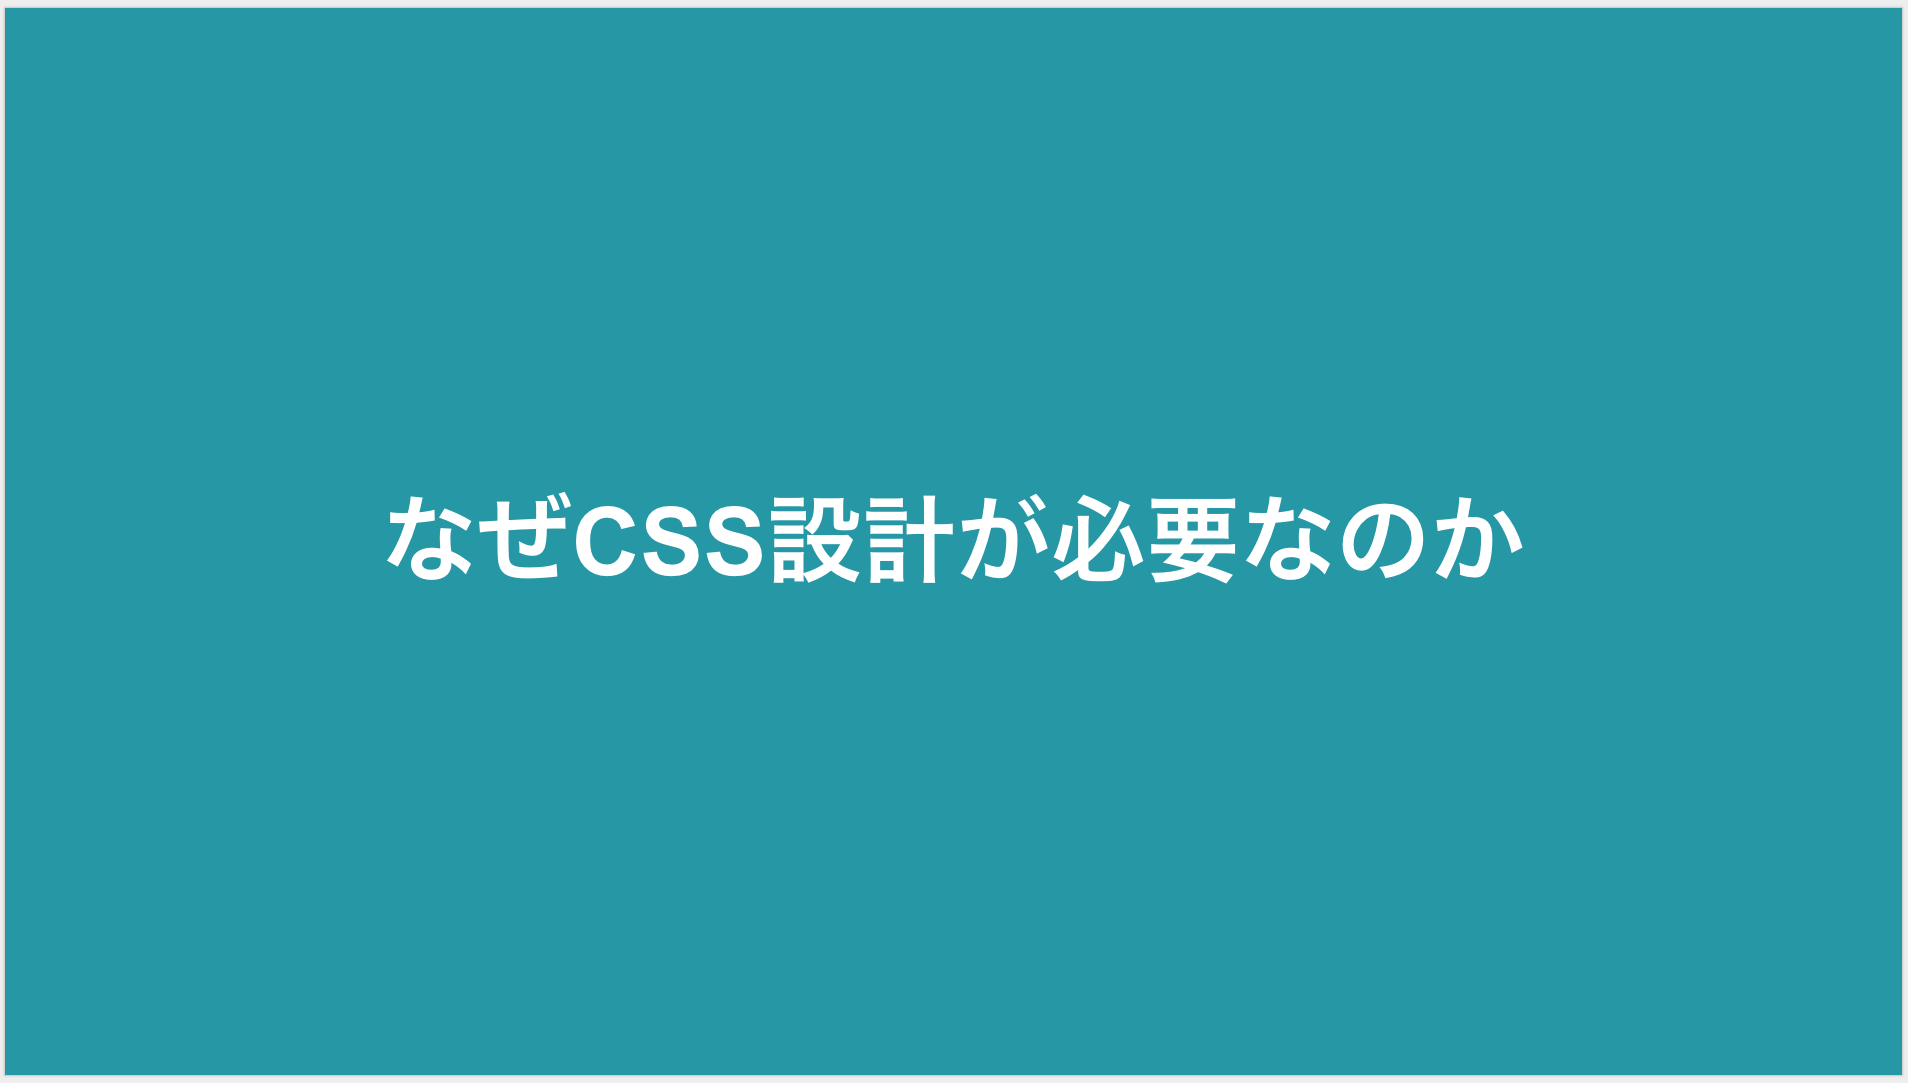 なぜCSS設計が必要なのか